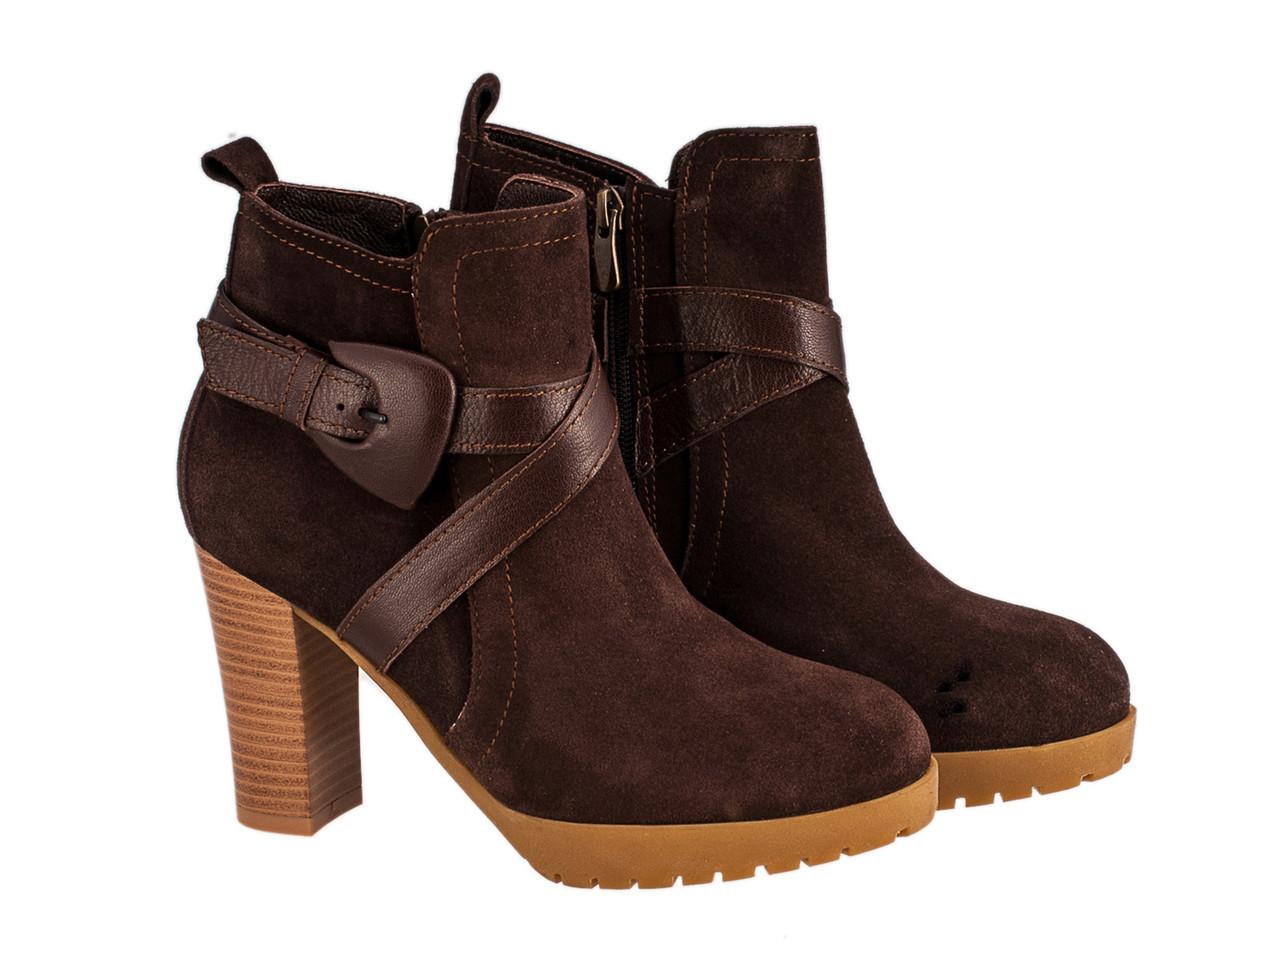 Ботинки Etor 1438-1088-0041 37 коричневые, фото 1